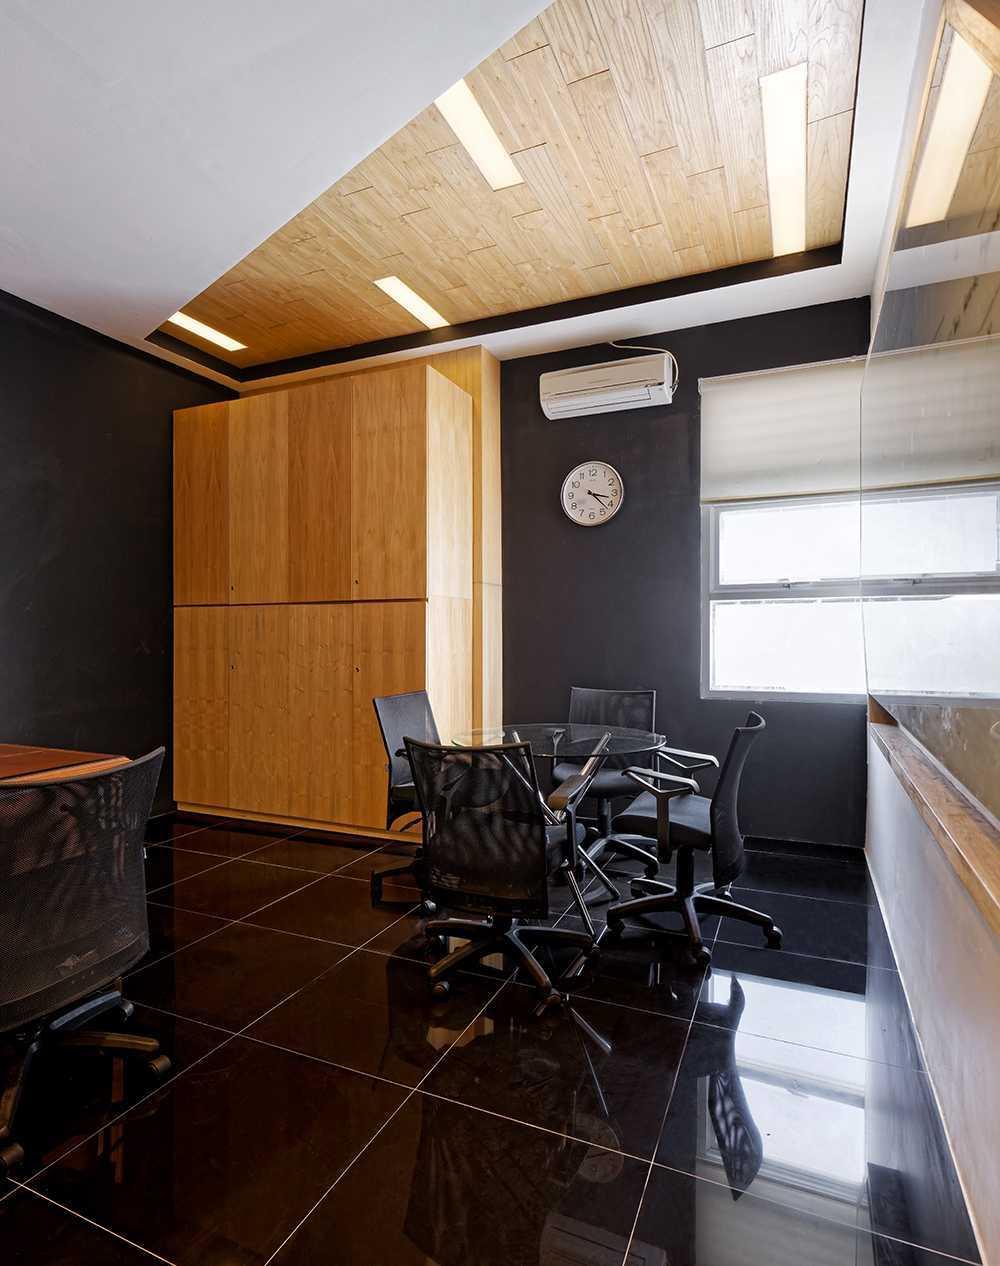 Foto inspirasi ide desain ruang meeting Meeting room oleh DELUTION di Arsitag